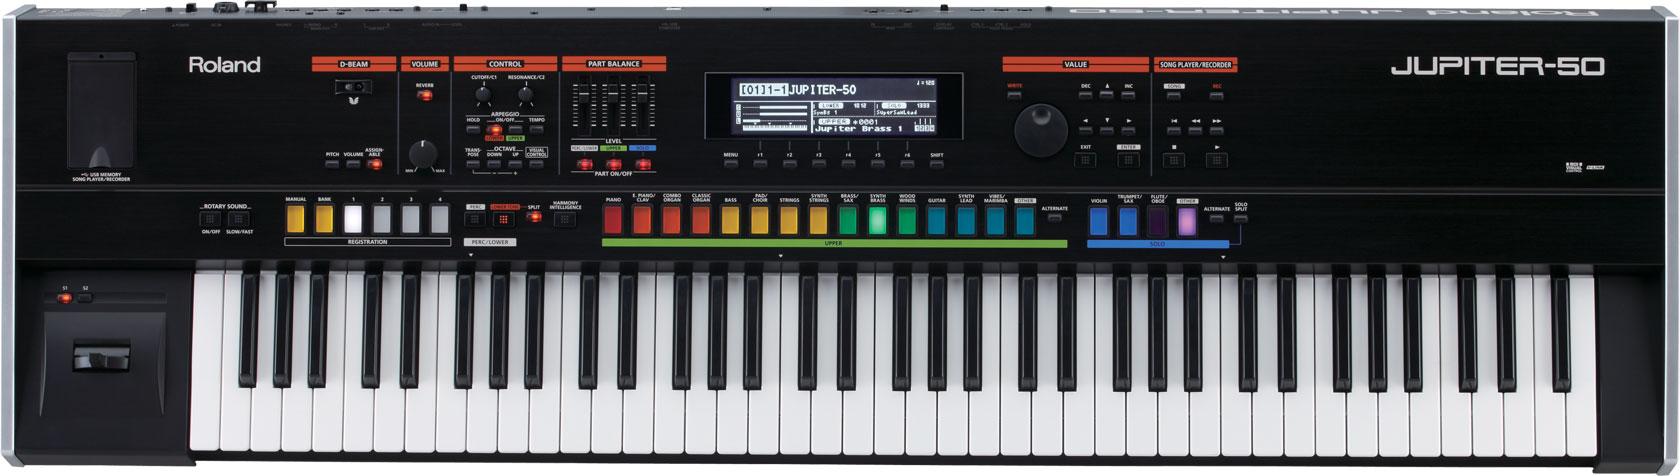 đàn organ roland Jupiter-50